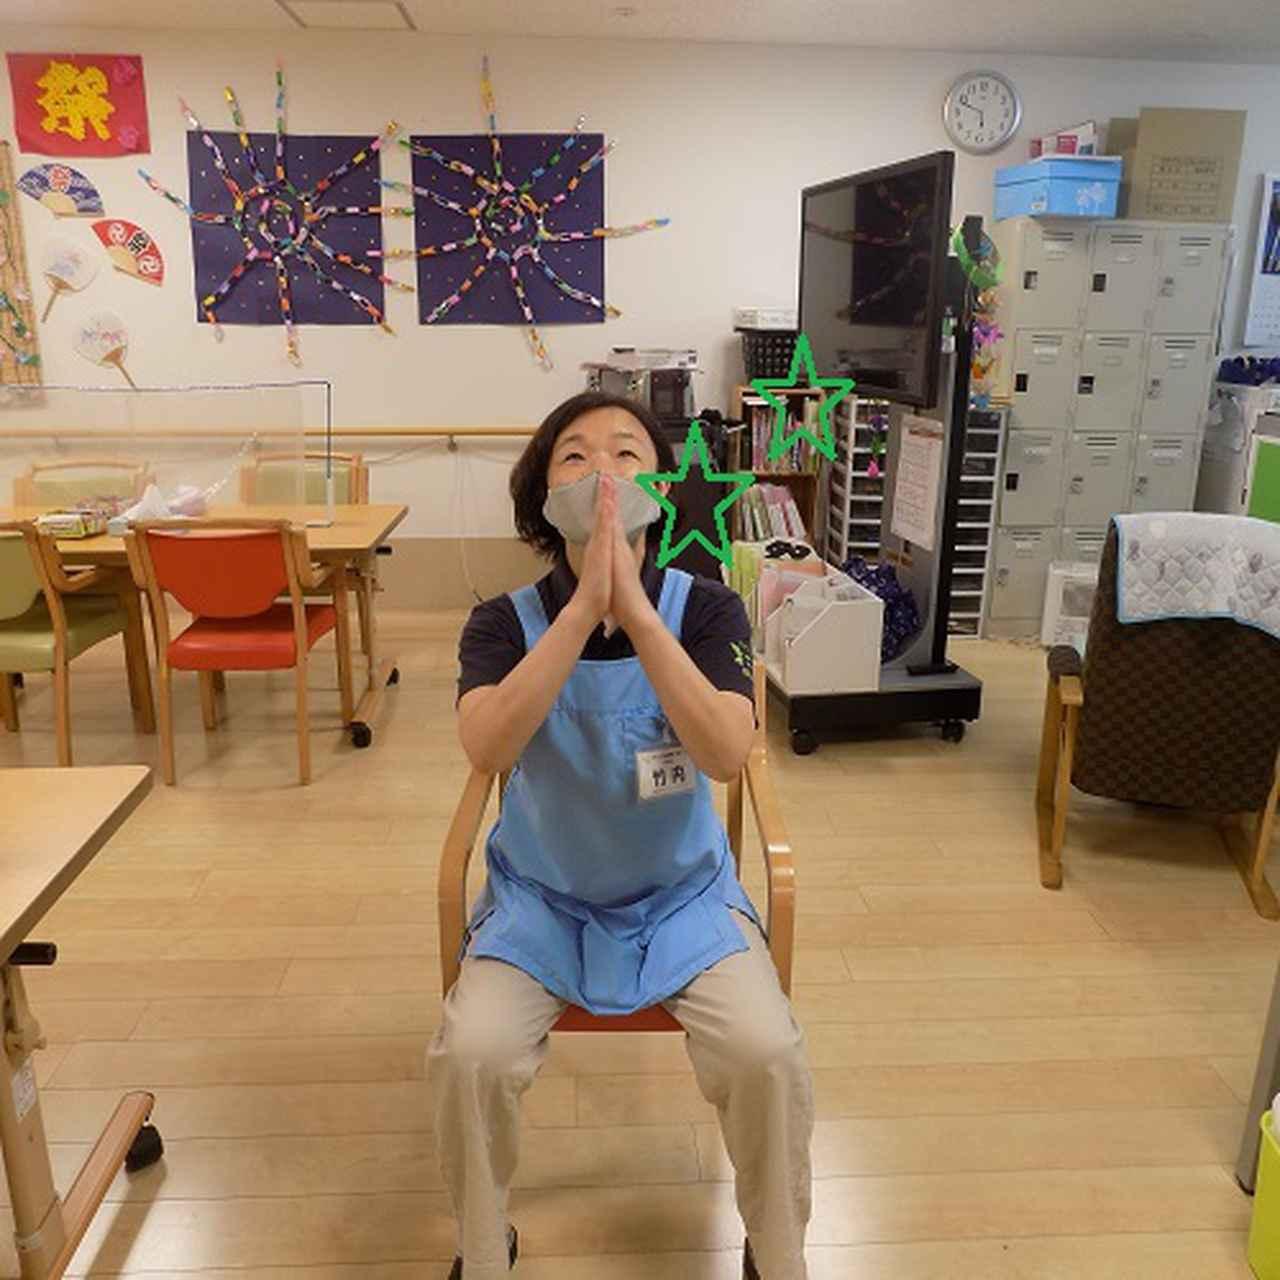 画像3: バリエーションは無限大!「キャッチボッチャ体操」のご紹介。